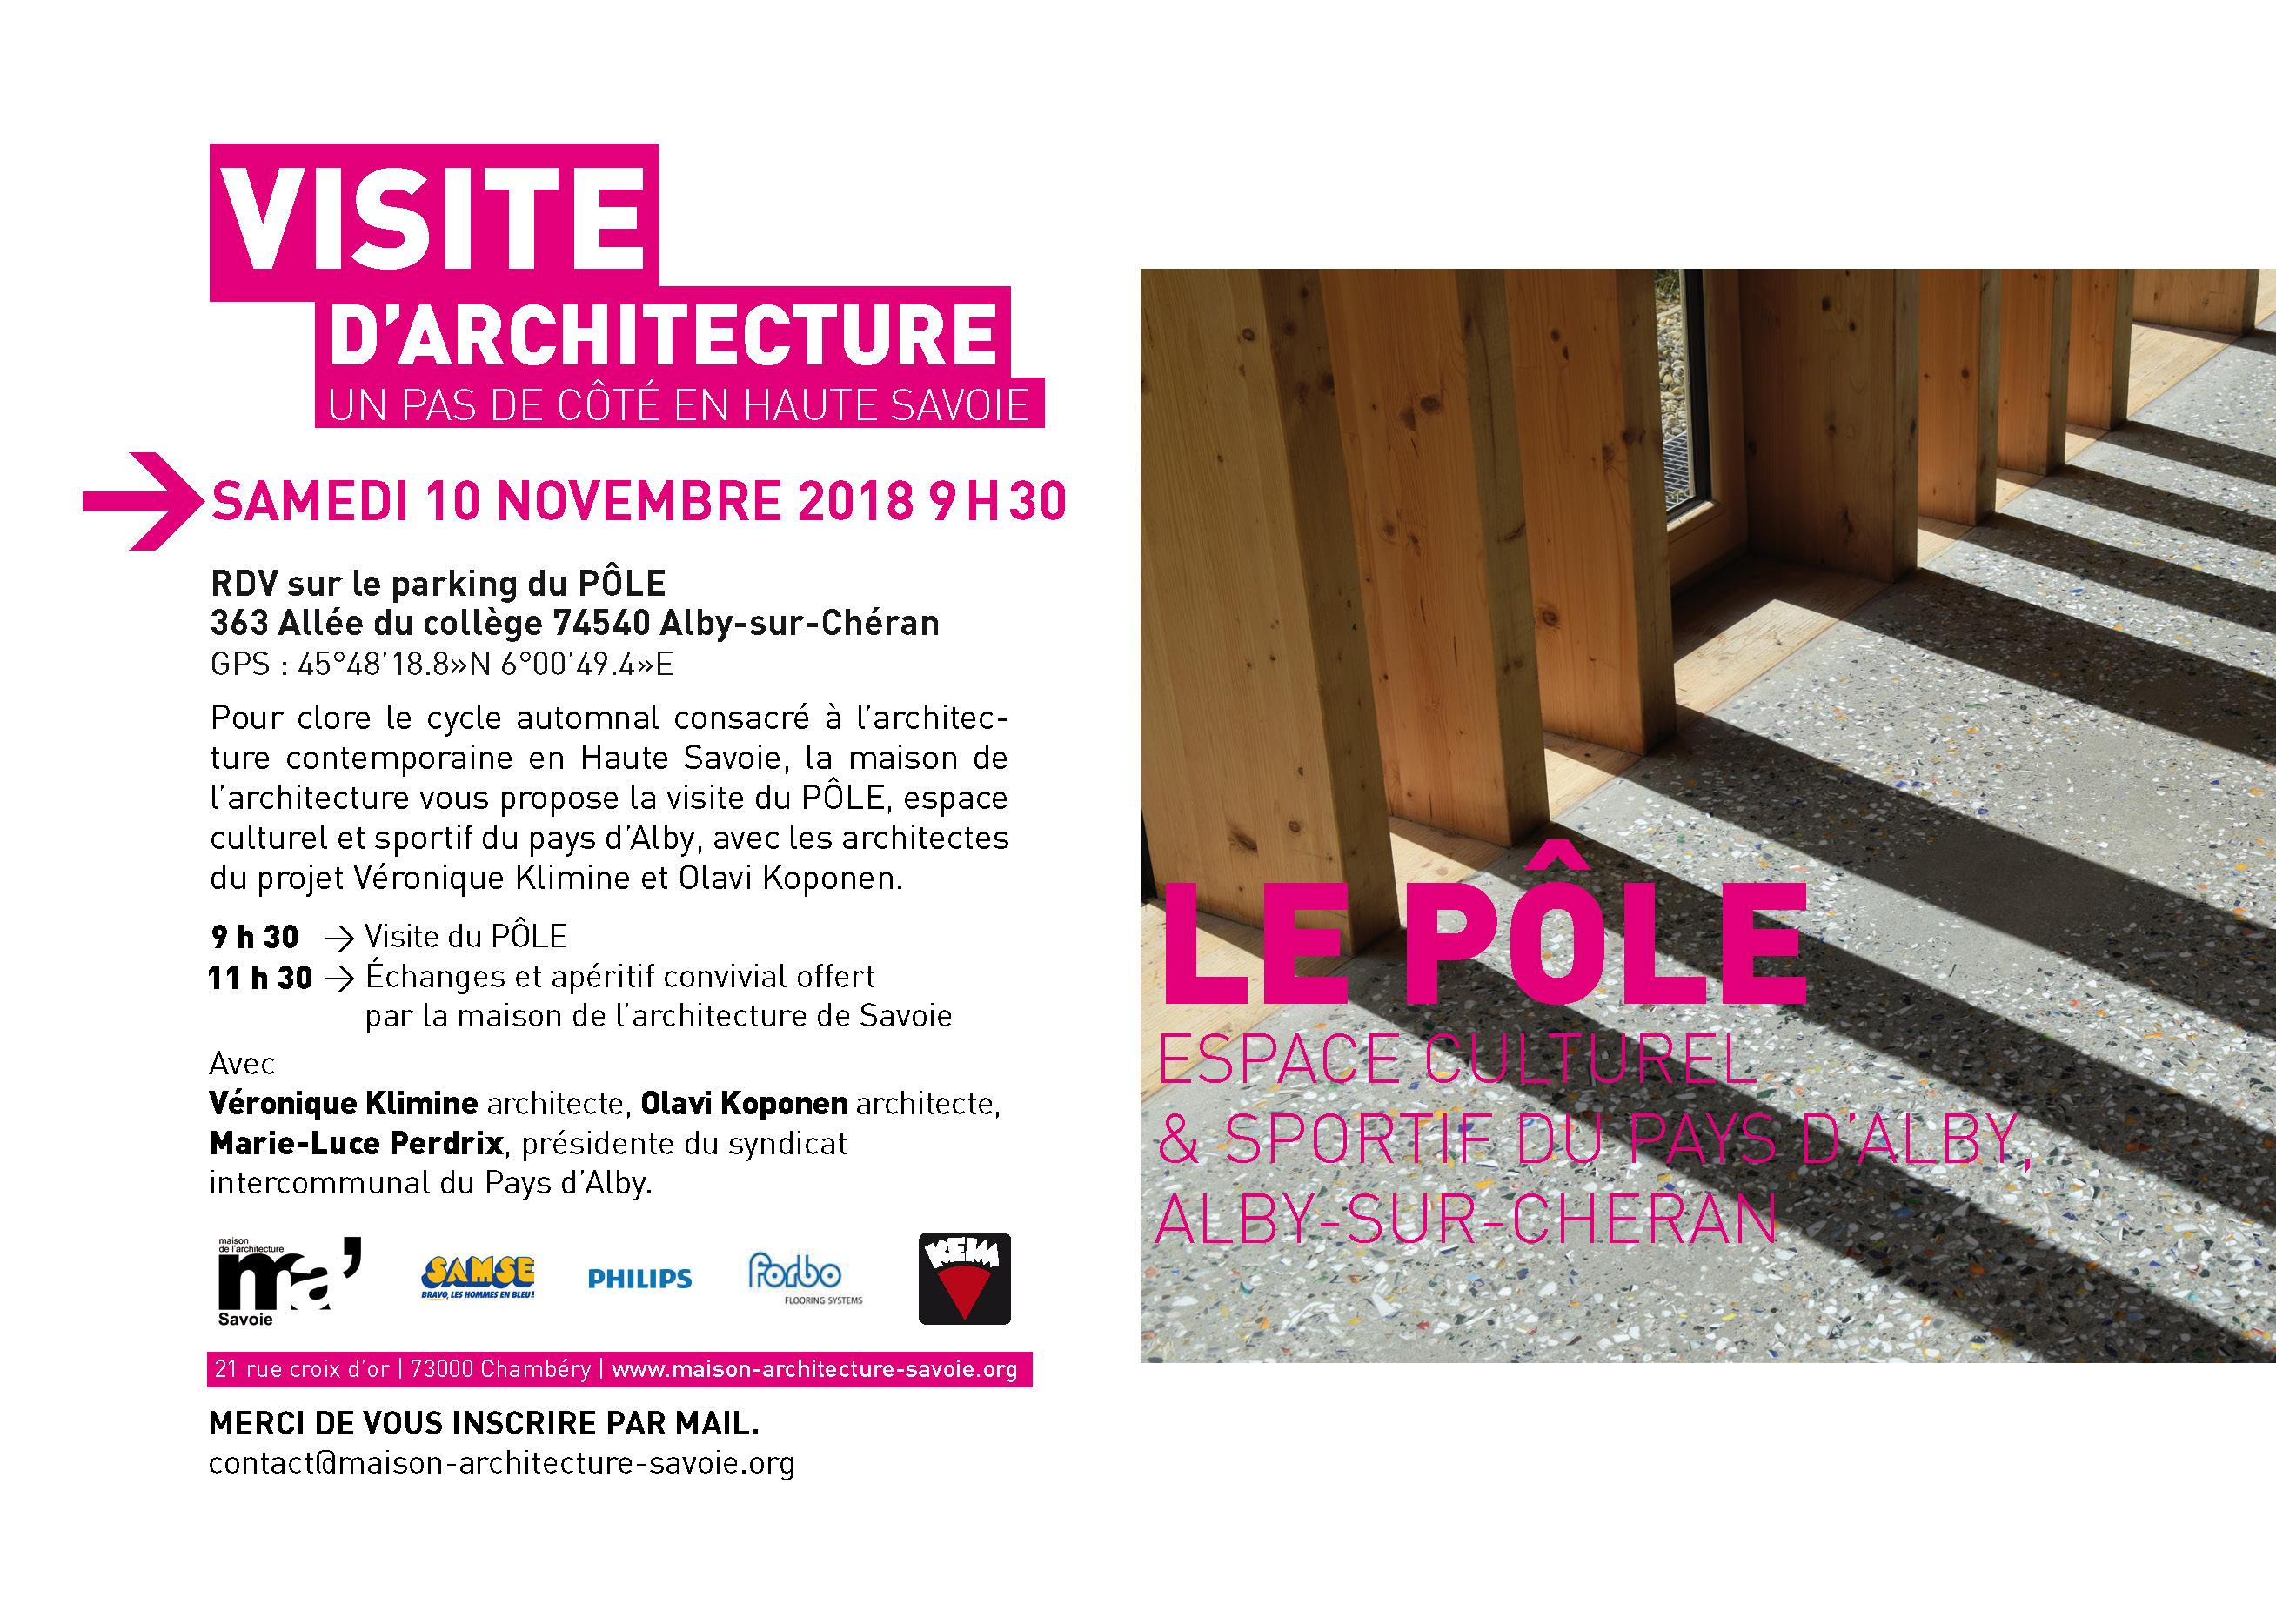 Pour Clore Le Cycle Automnal Consacre A Larchitecture Contemporaine En Haute Savoie La Maison De Vous Propose Visite Du POLE